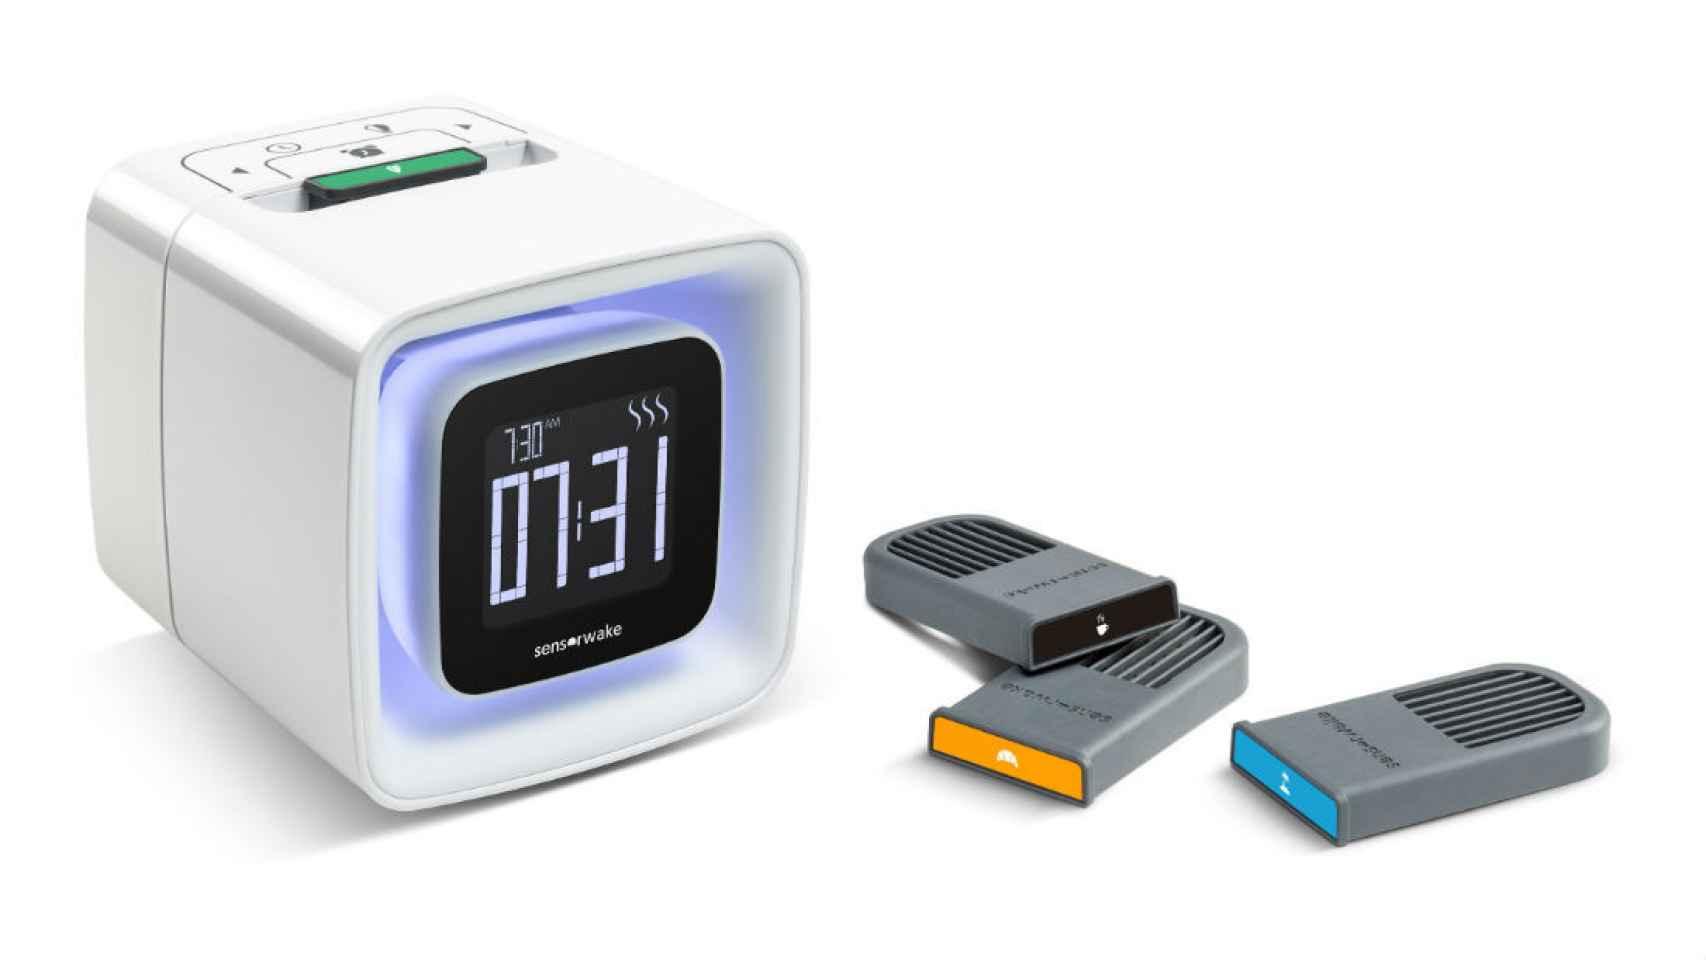 El despertador SensorWake.